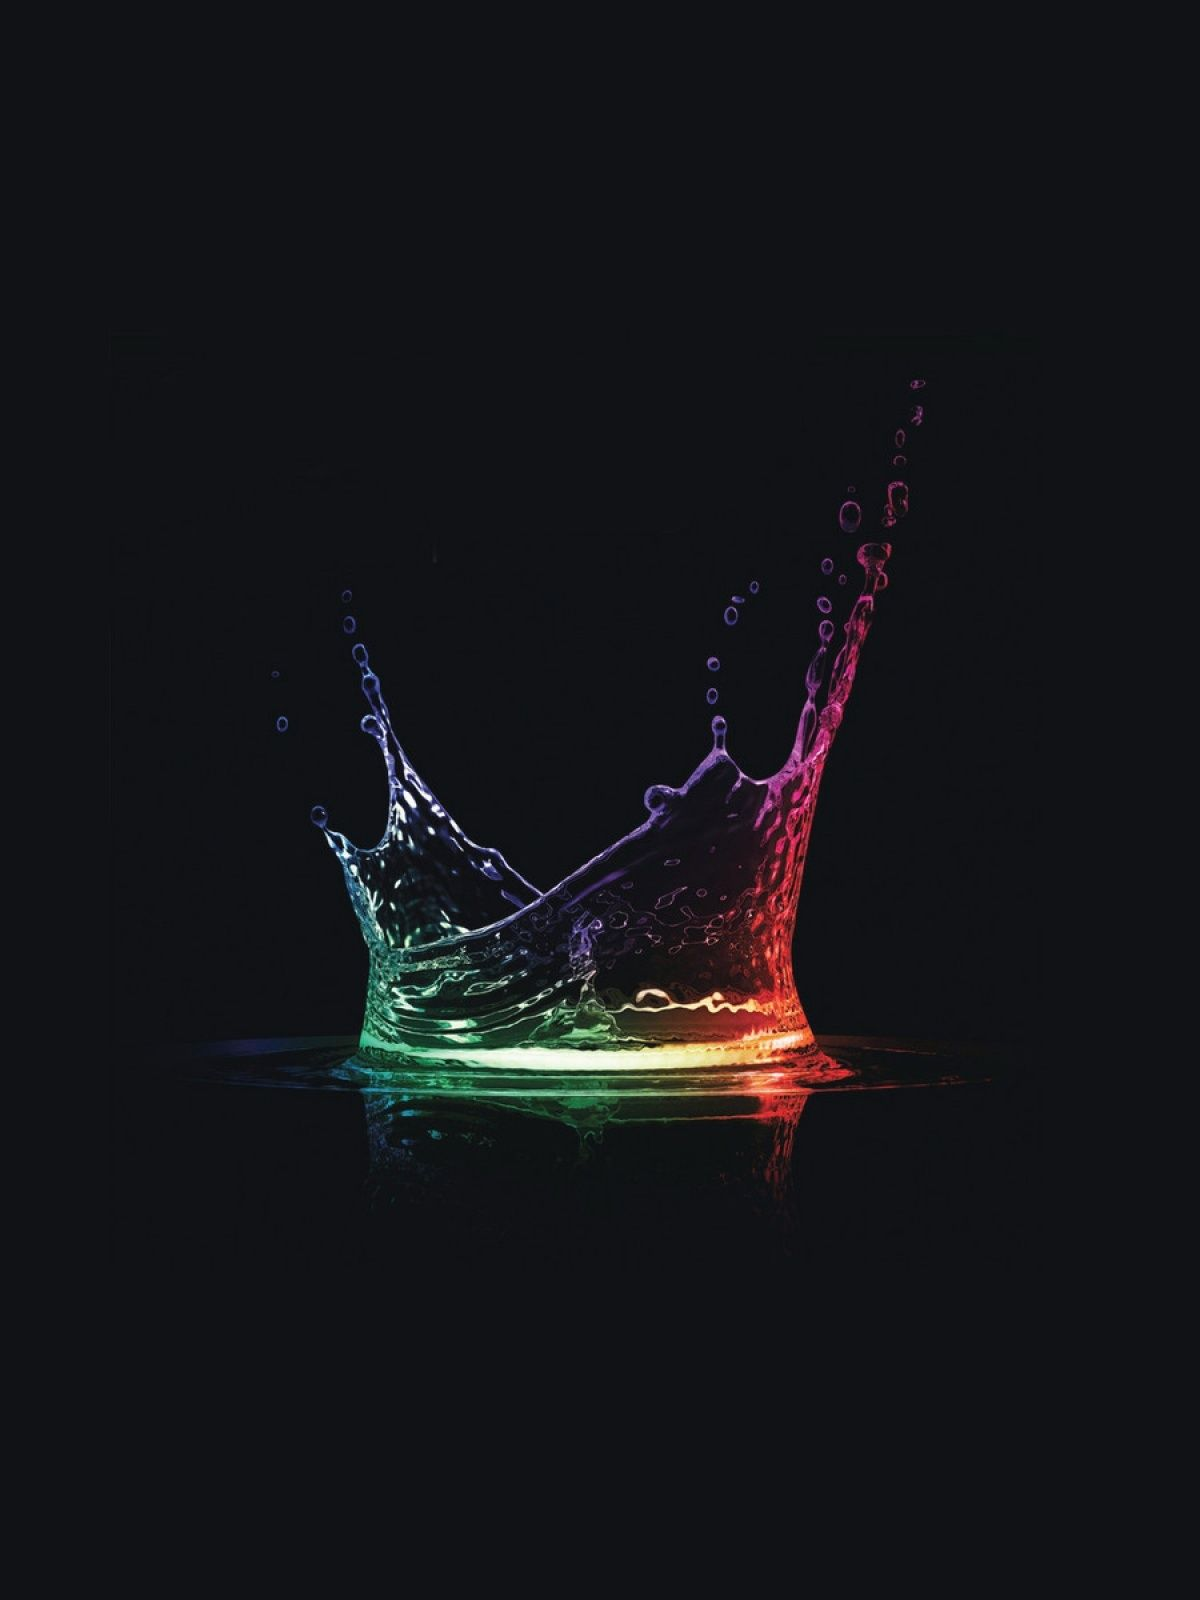 Beautiful Android Rainbow Wallpaper Dengan Gambar Hitam